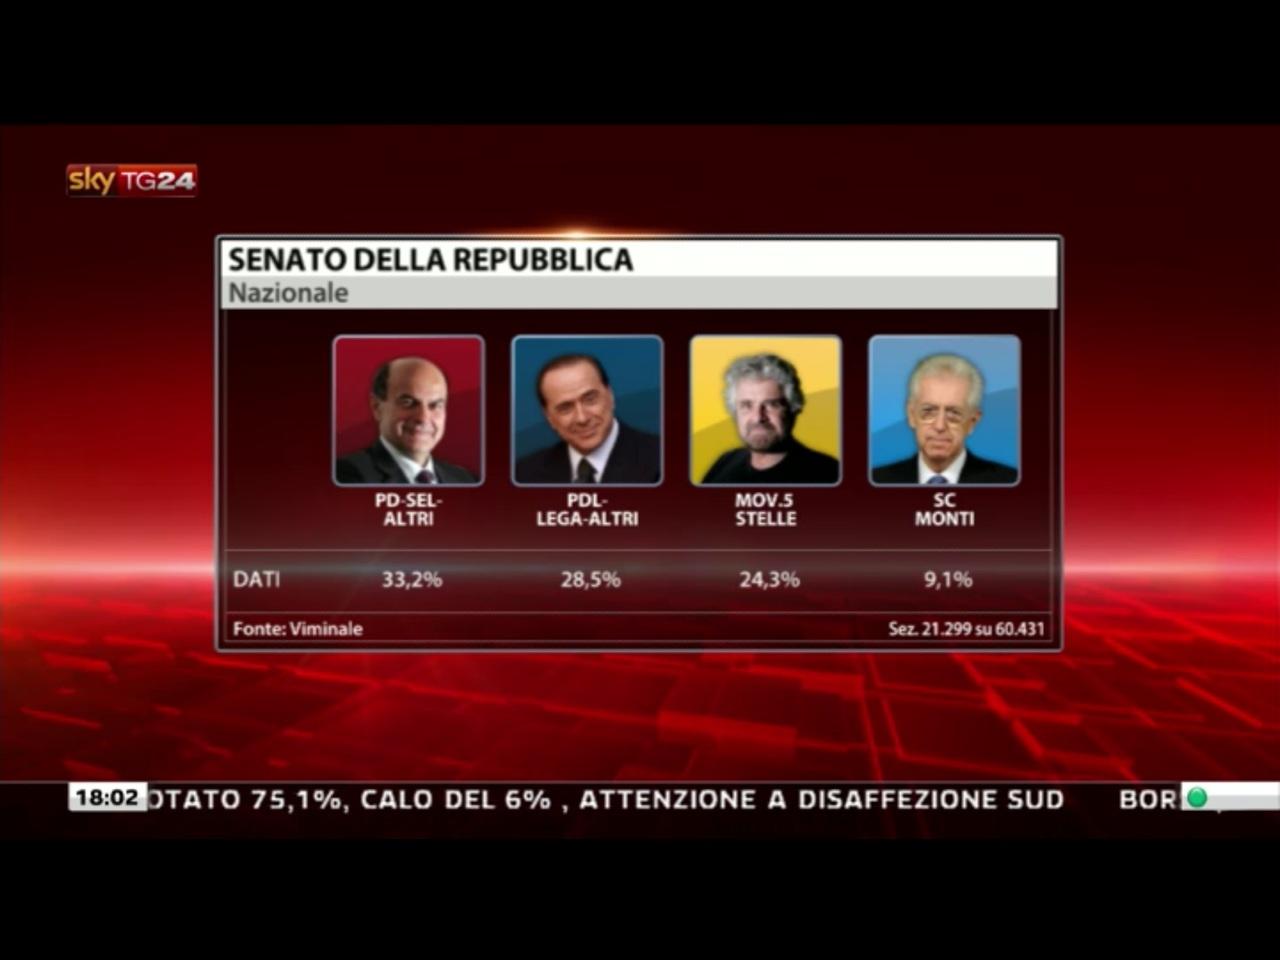 risultati elezioni 2013 senato dati reali